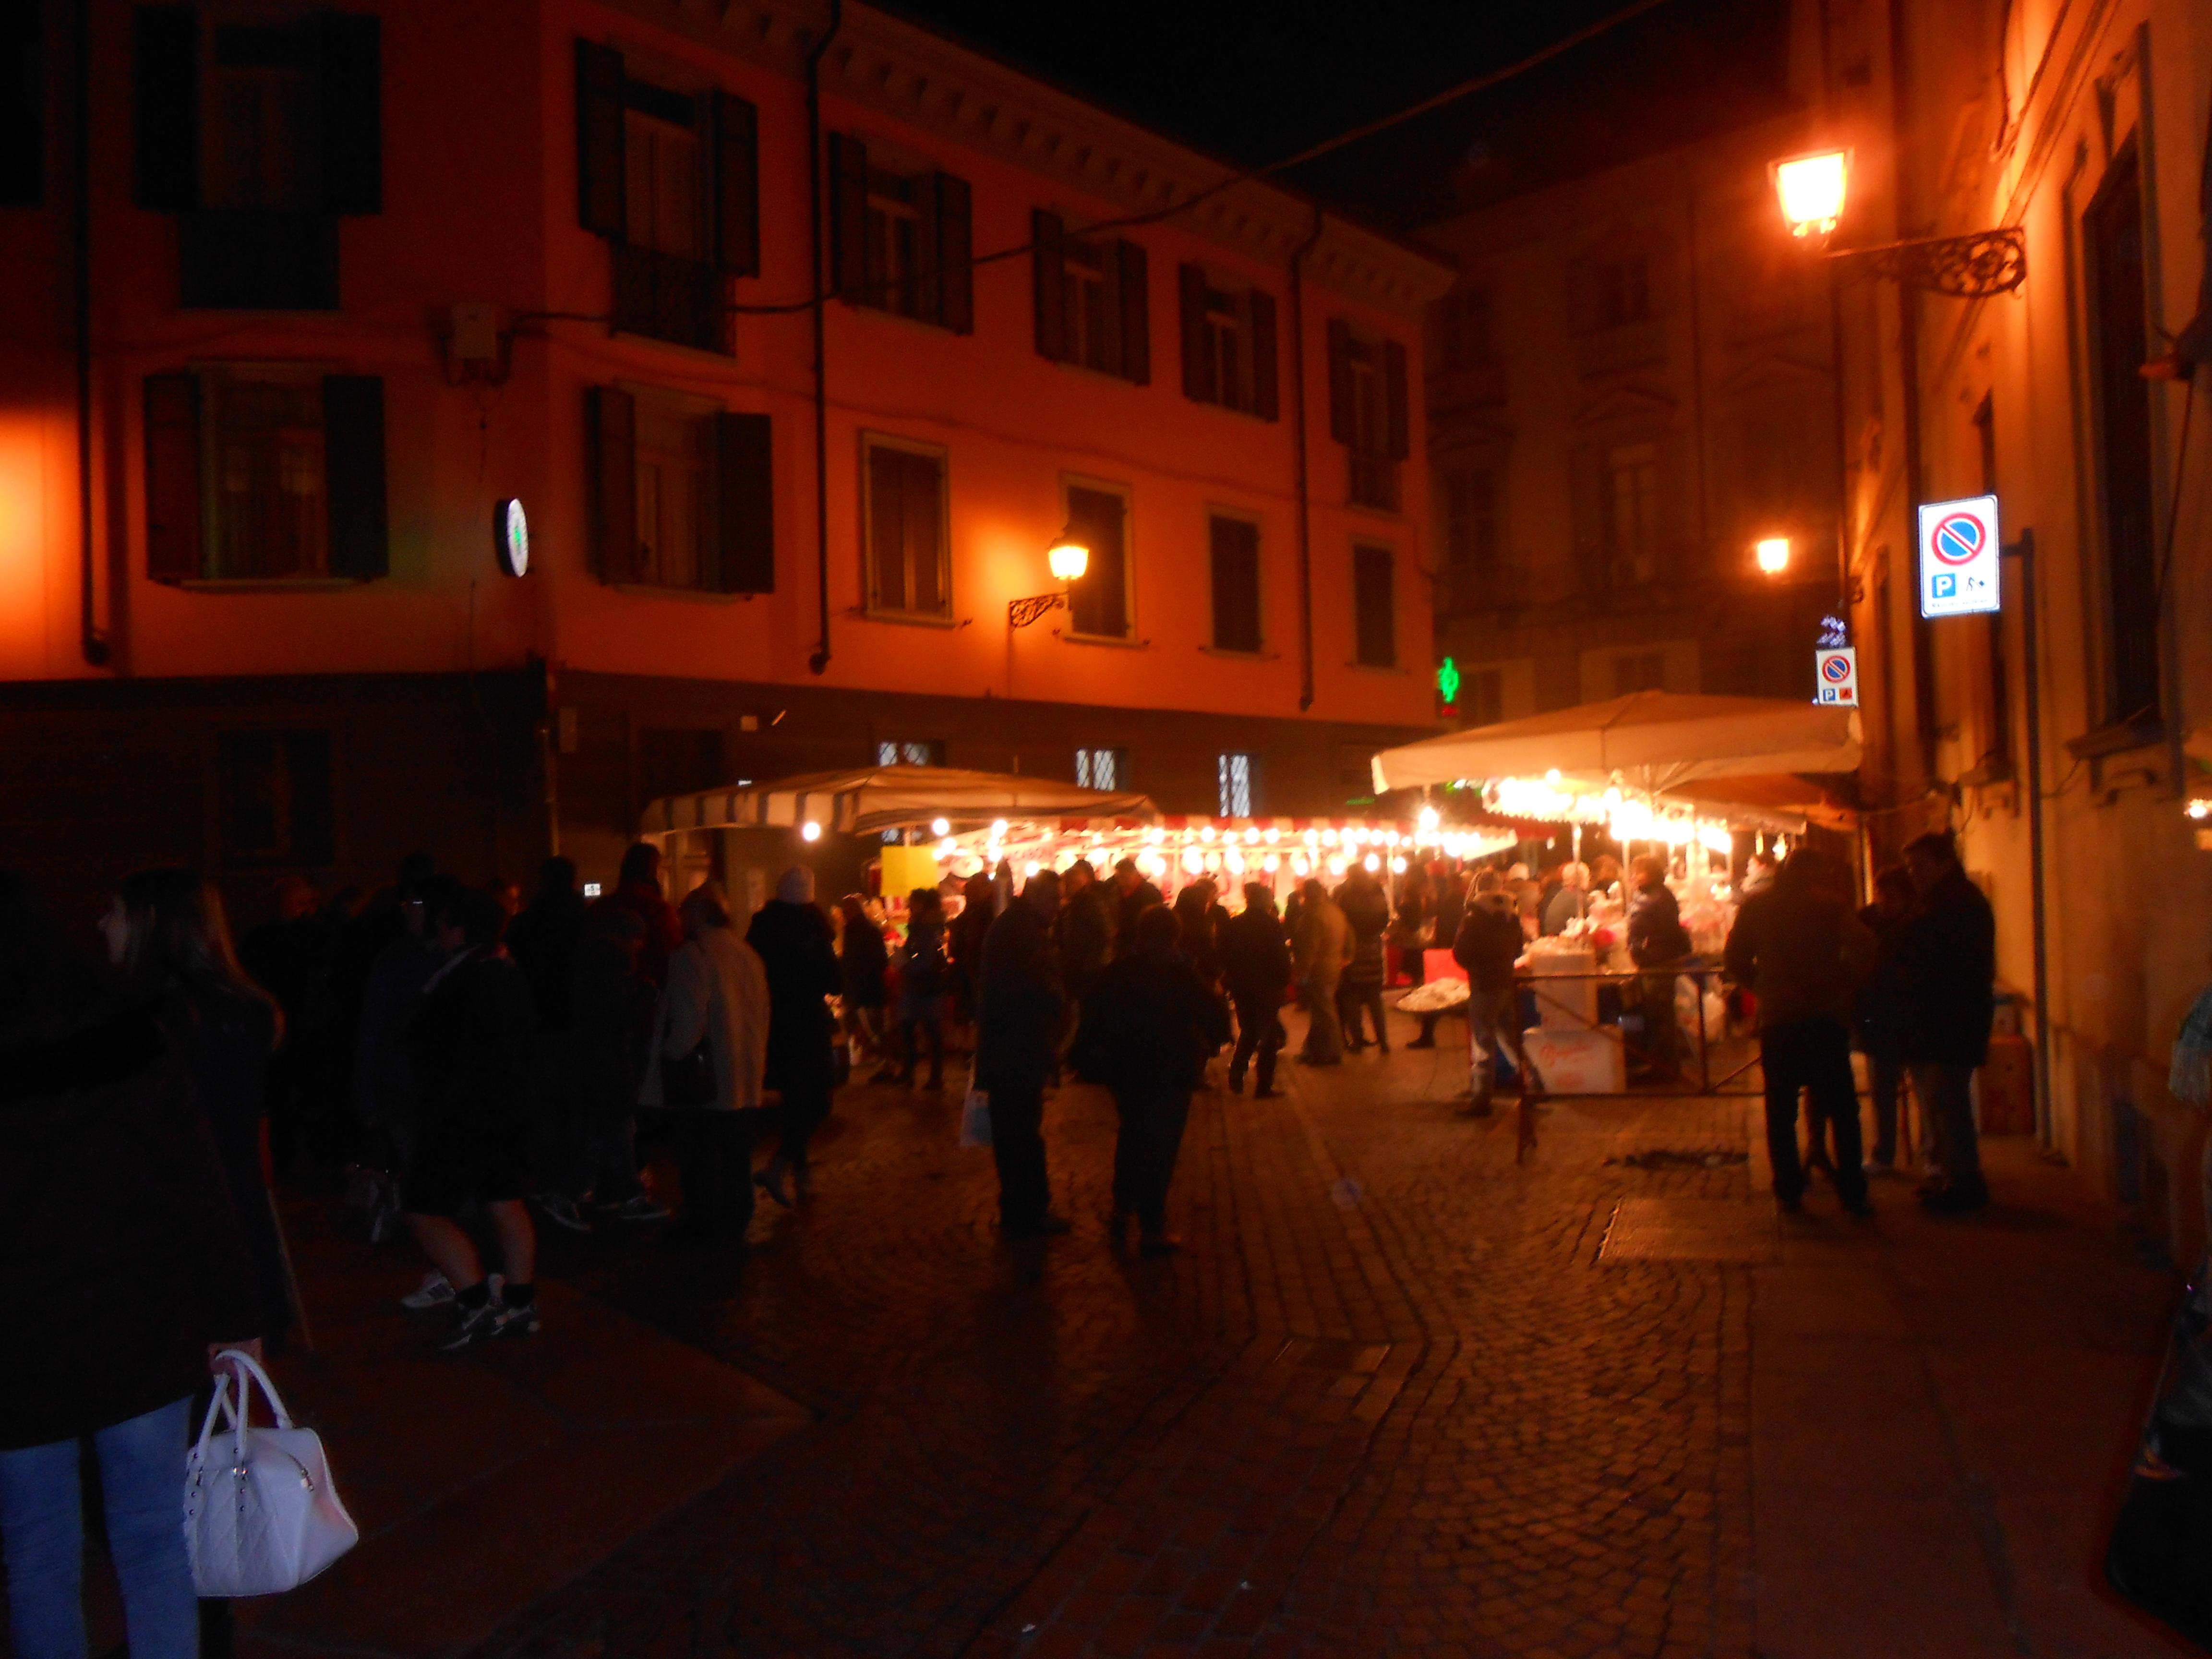 Piazzetta S. Lucia con le bancarelle dei lacabòn - 13 dicembre 2014